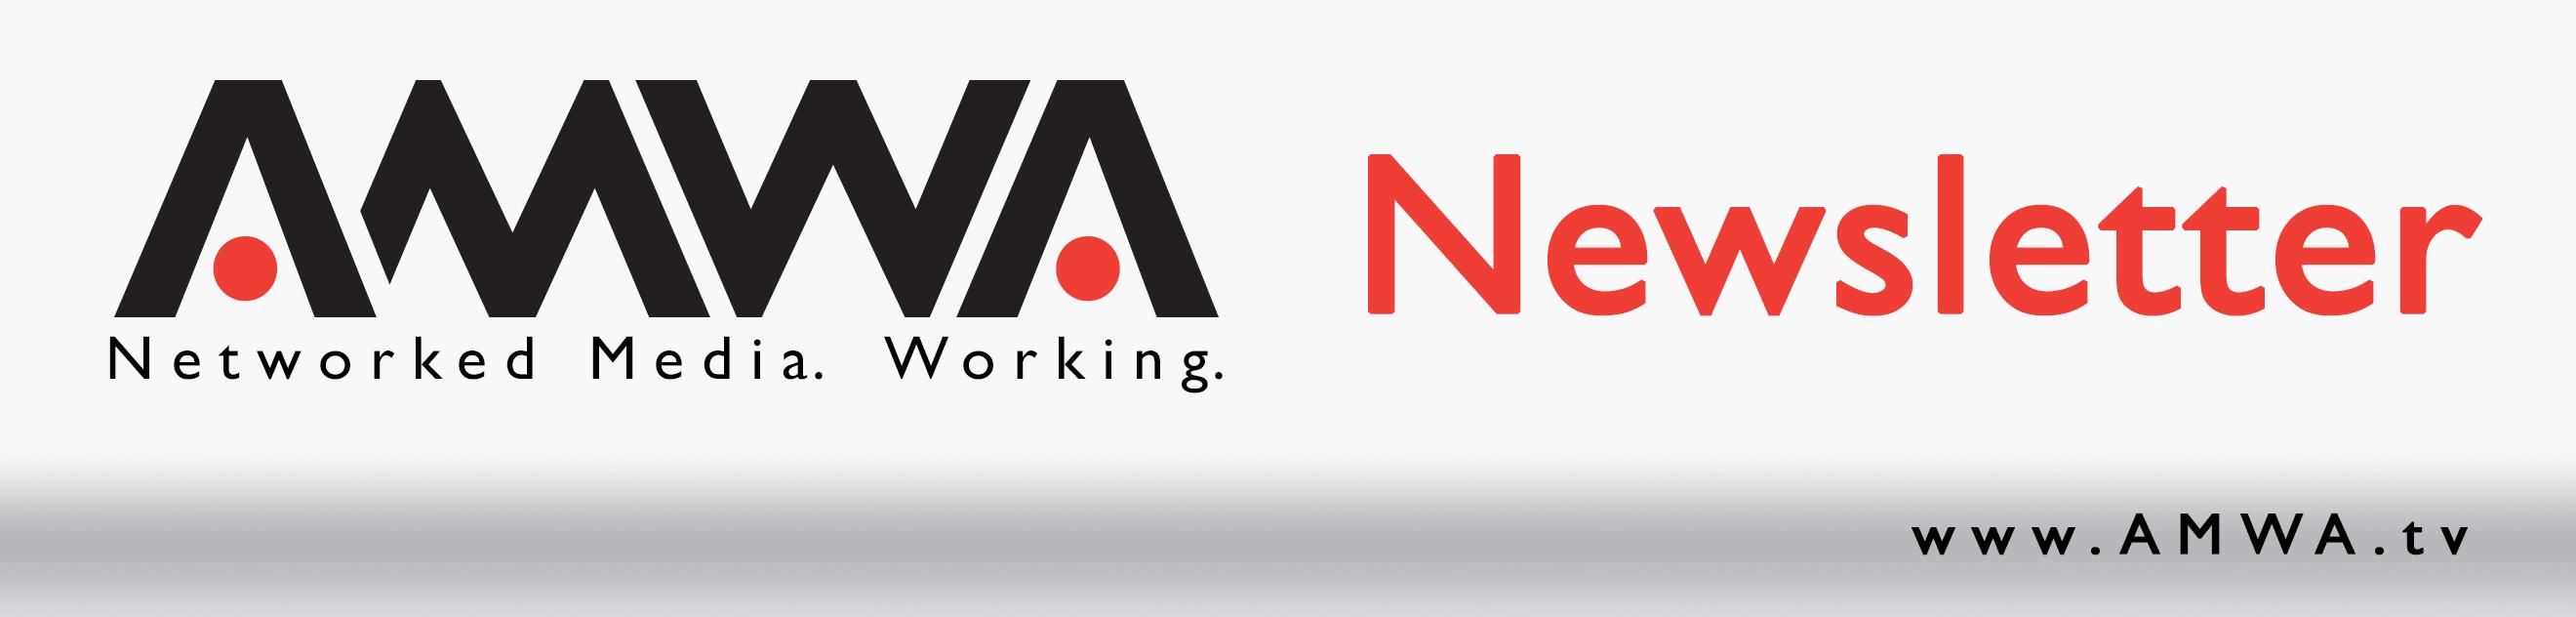 AMWA News